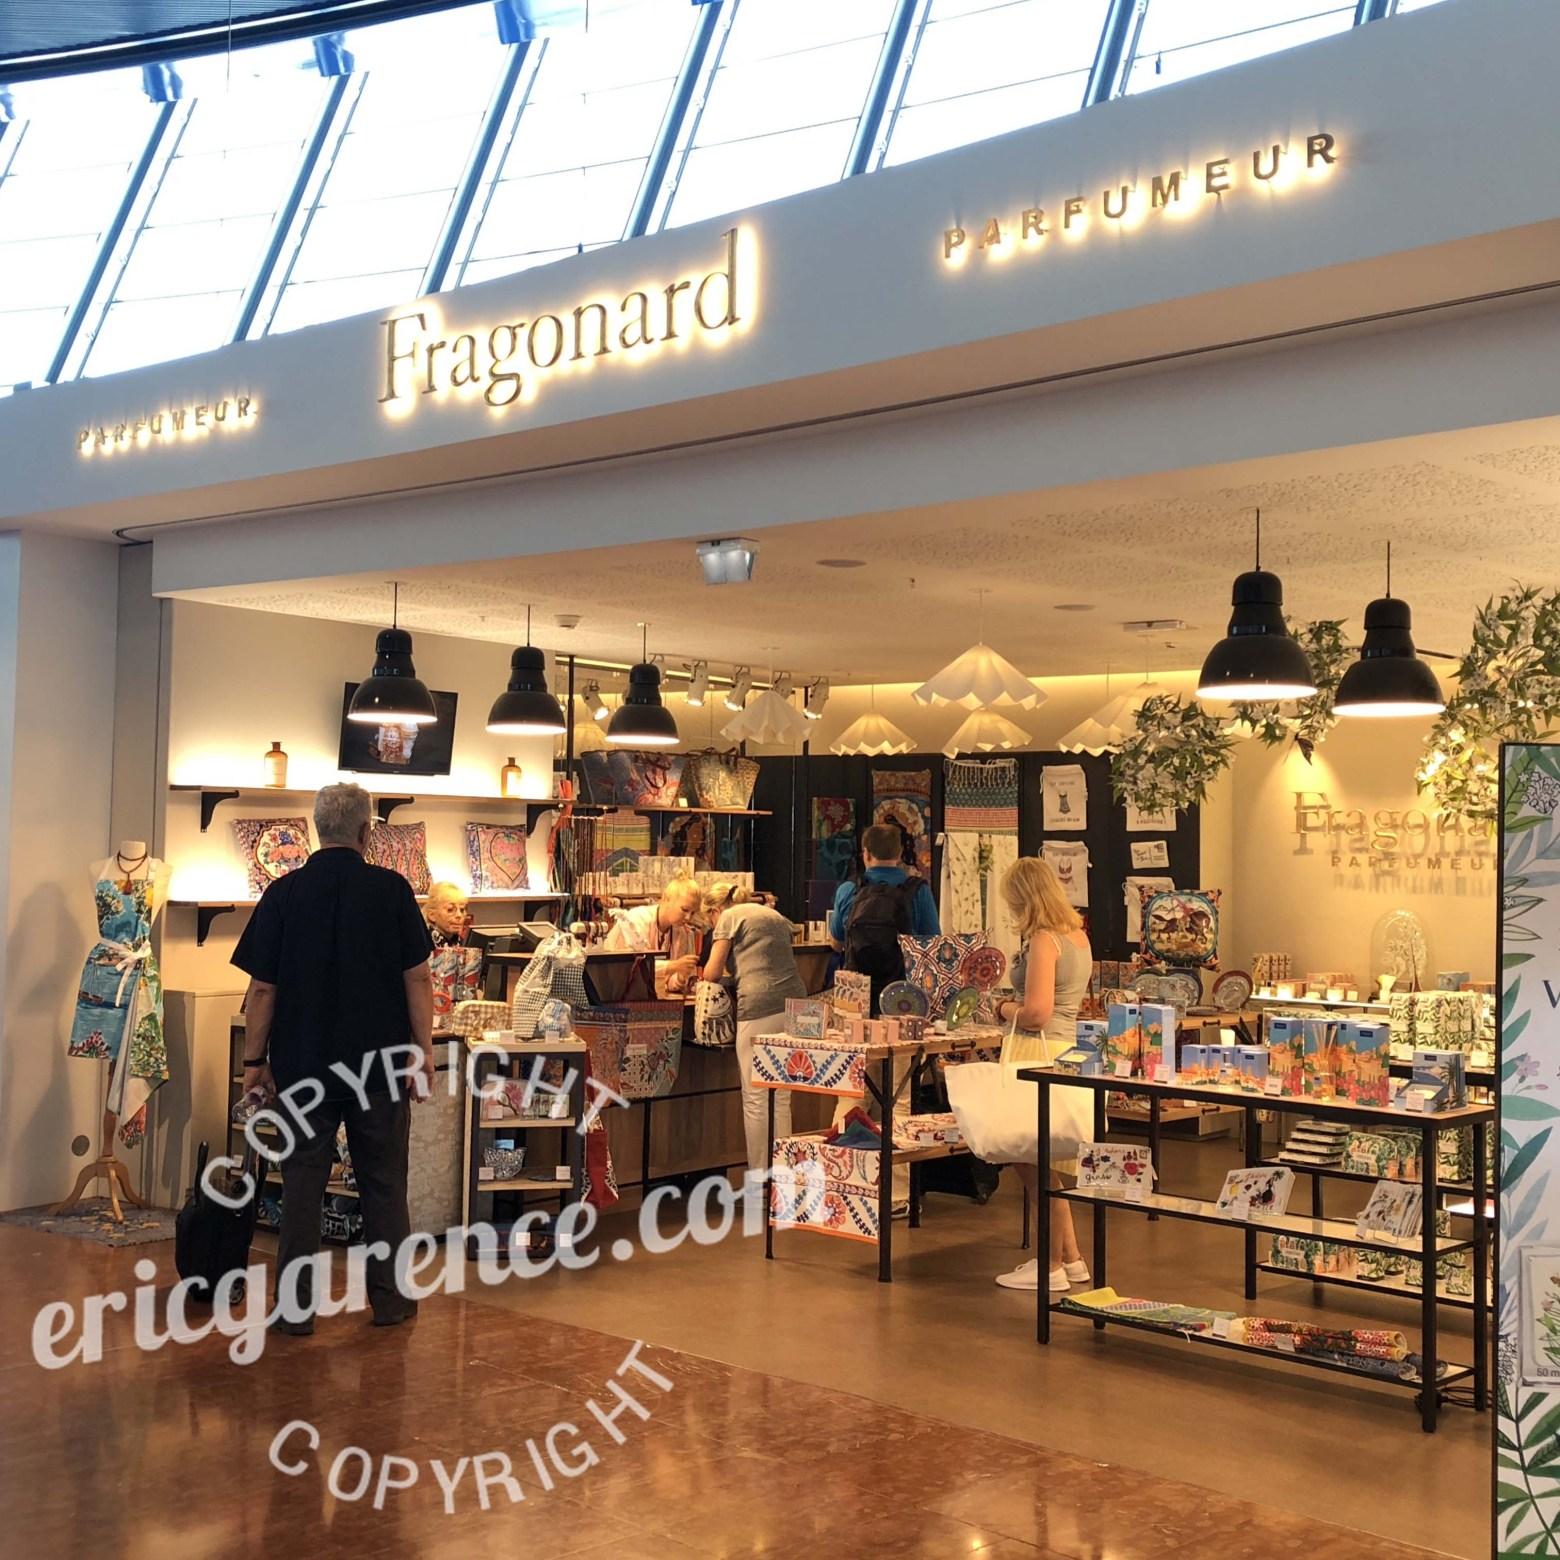 Aéroport Fragonard Eric Garence Cote d'azur French Riviera Collection Parfum Cadeau Eau